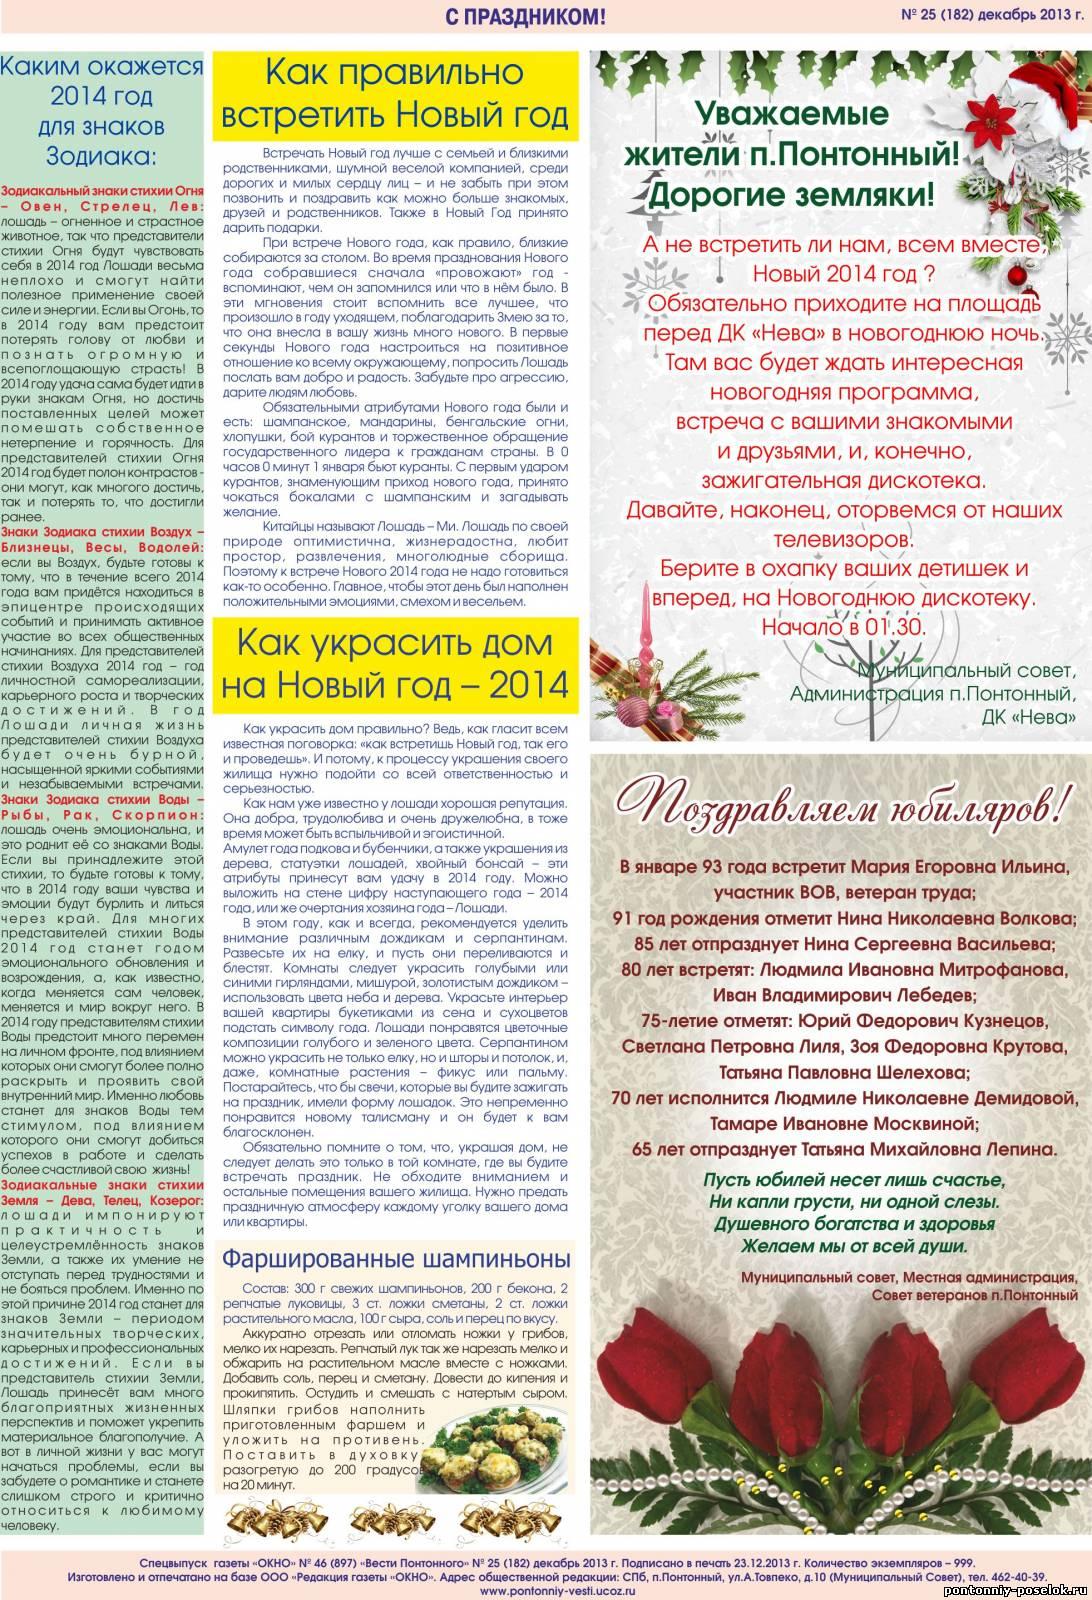 http://pontonniy-poselok.ru/_ph/3/368592095.jpg